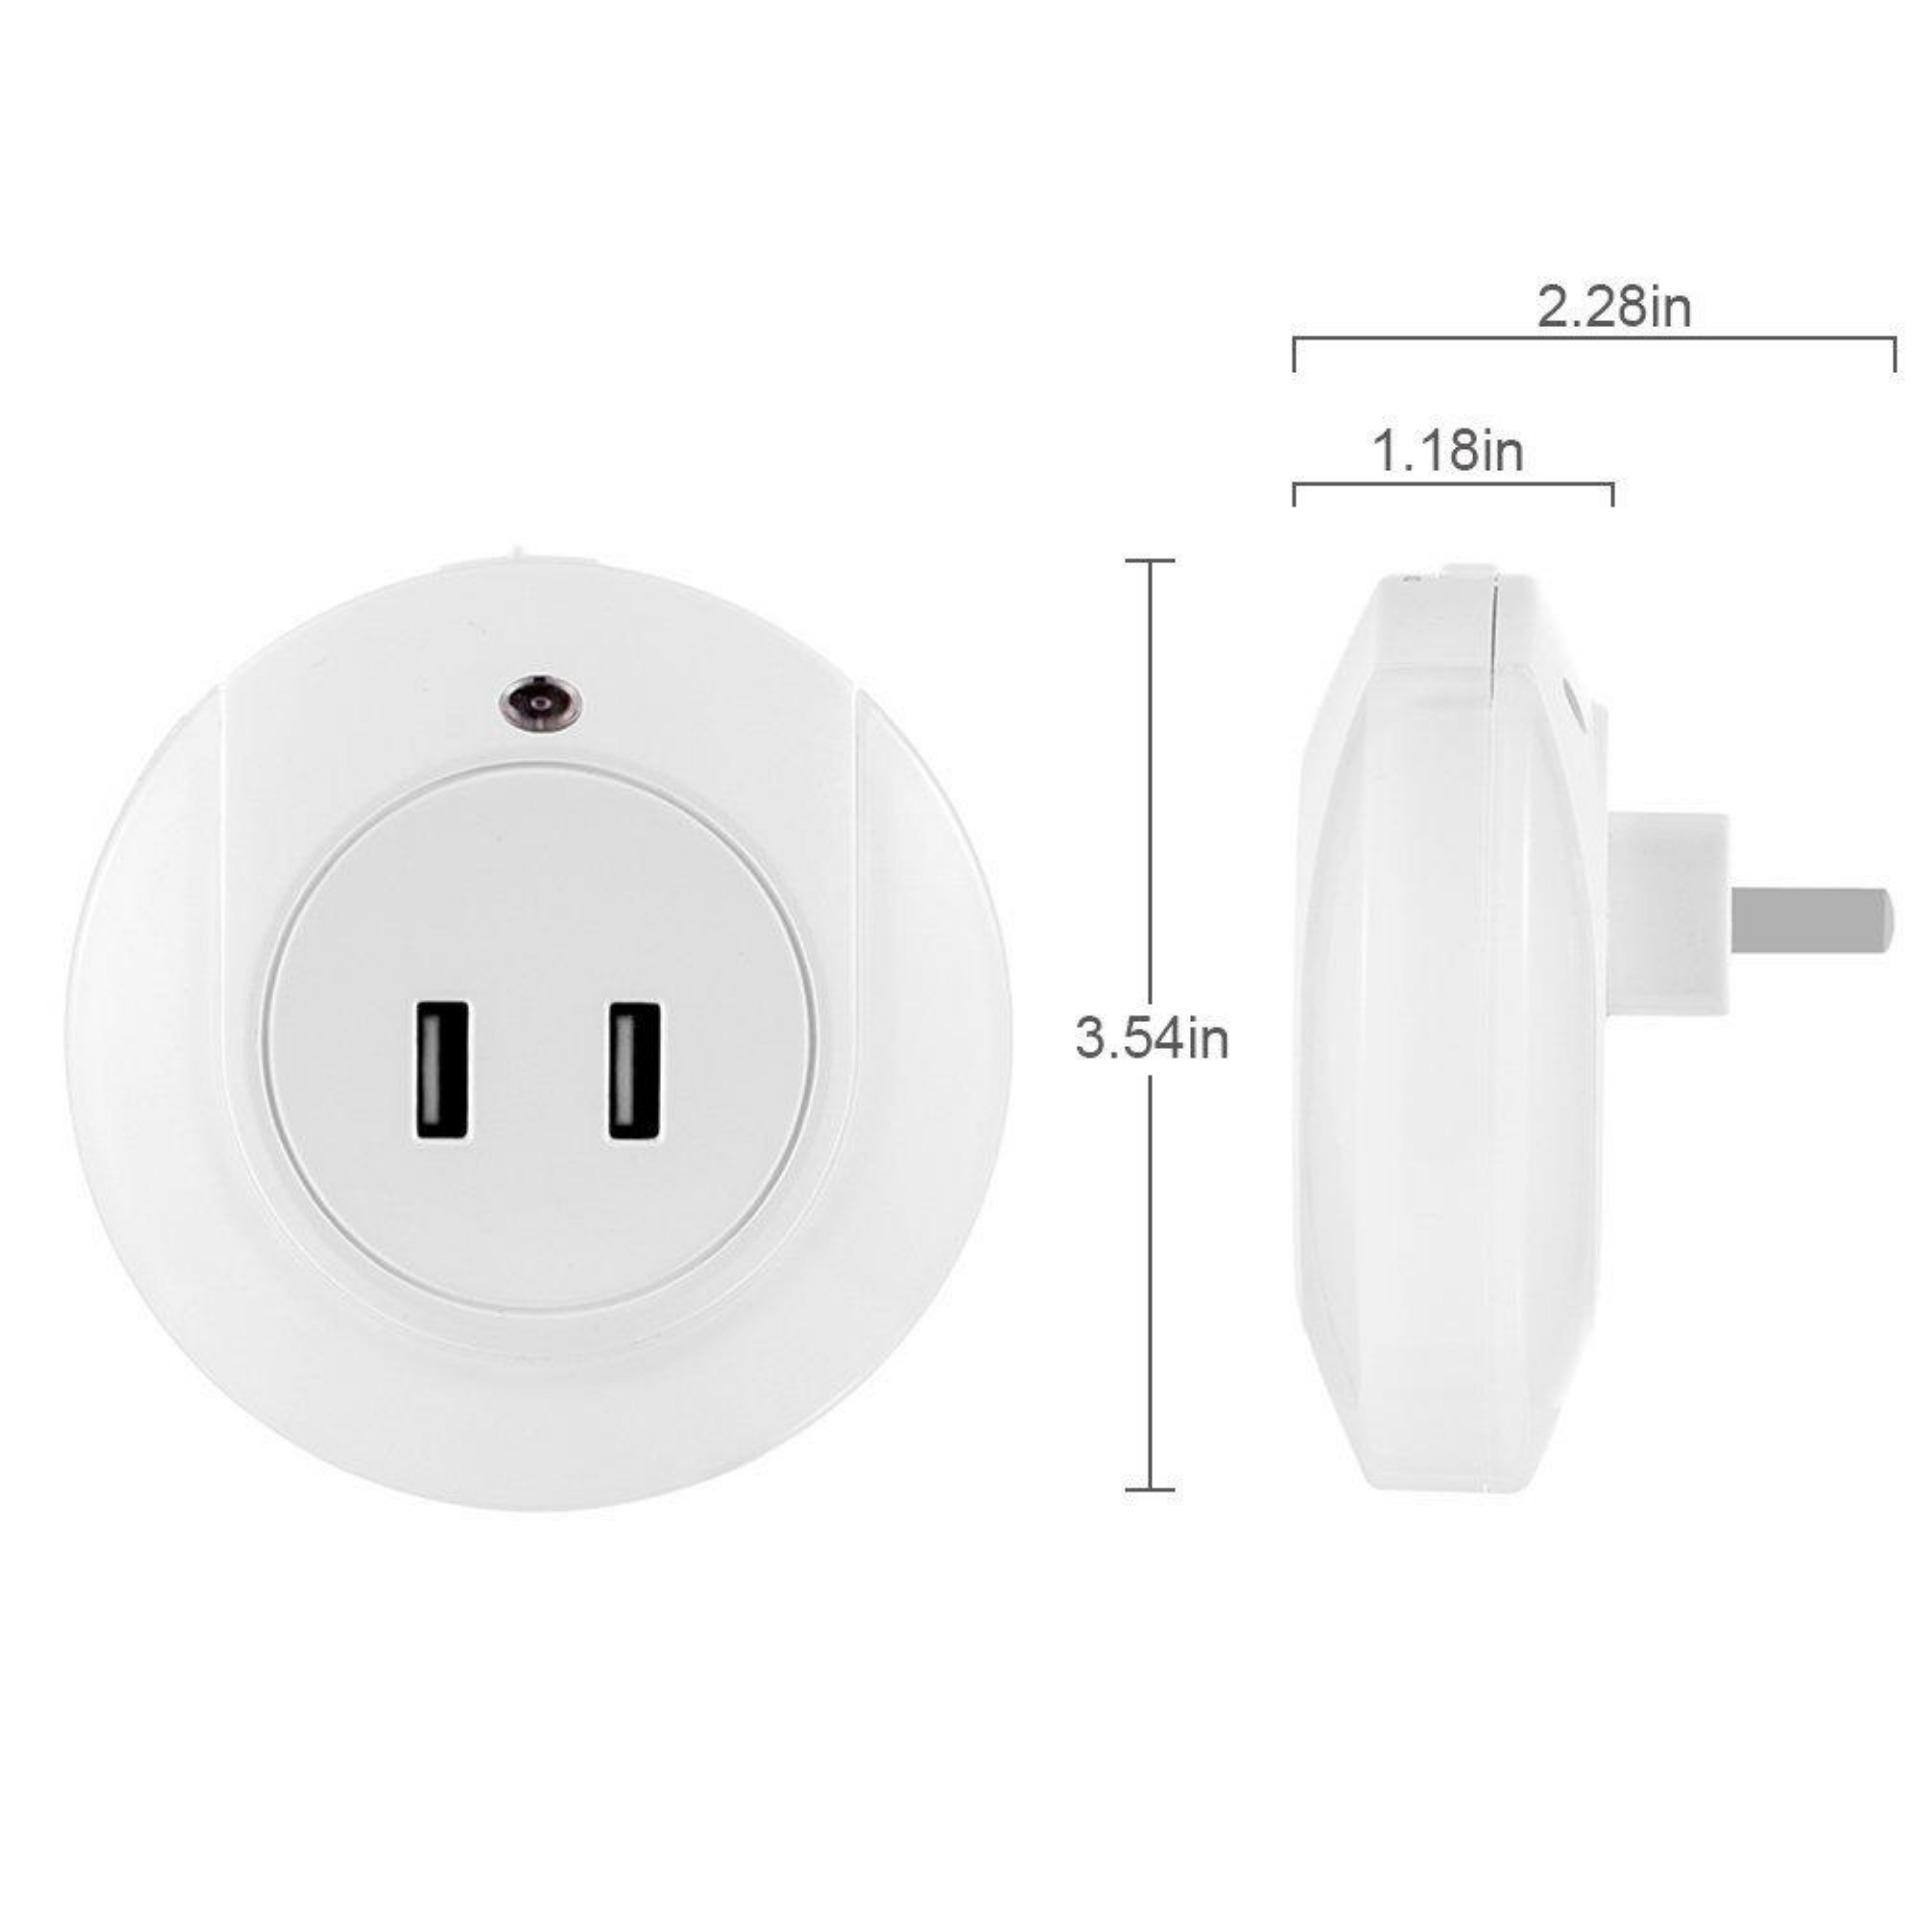 Spesifikasi Lampu Tidur Smart Led Dual Usb Charger Untuk Iphone Android Unik Murah Berkualitas